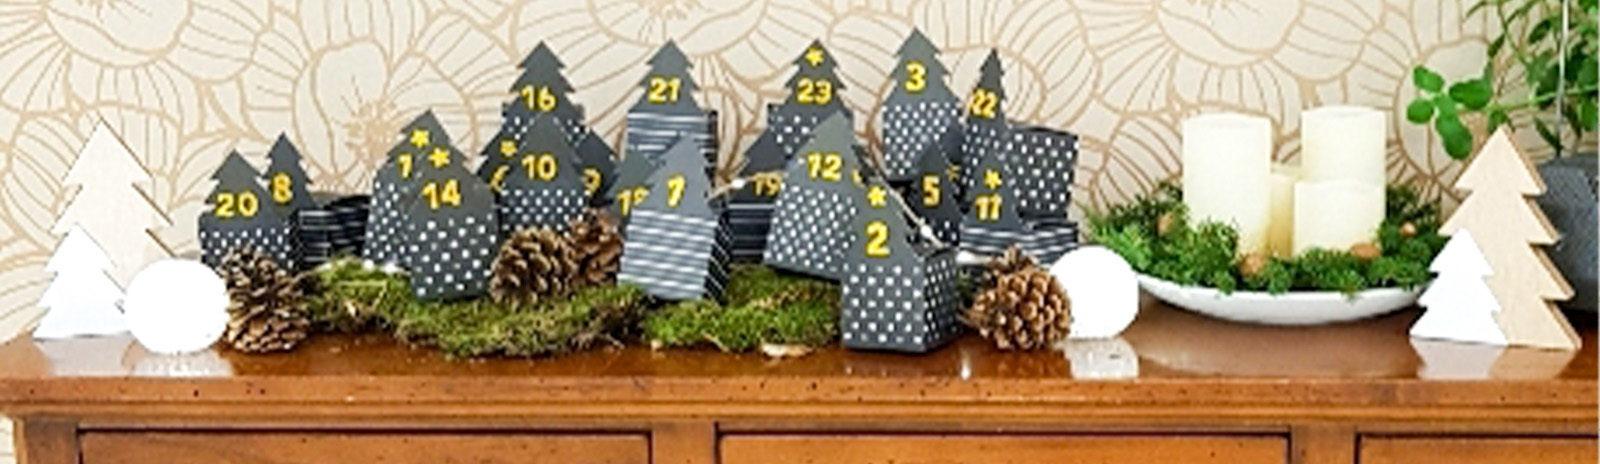 Haus_Marienhöhe_Weihnachtsdeko_slider